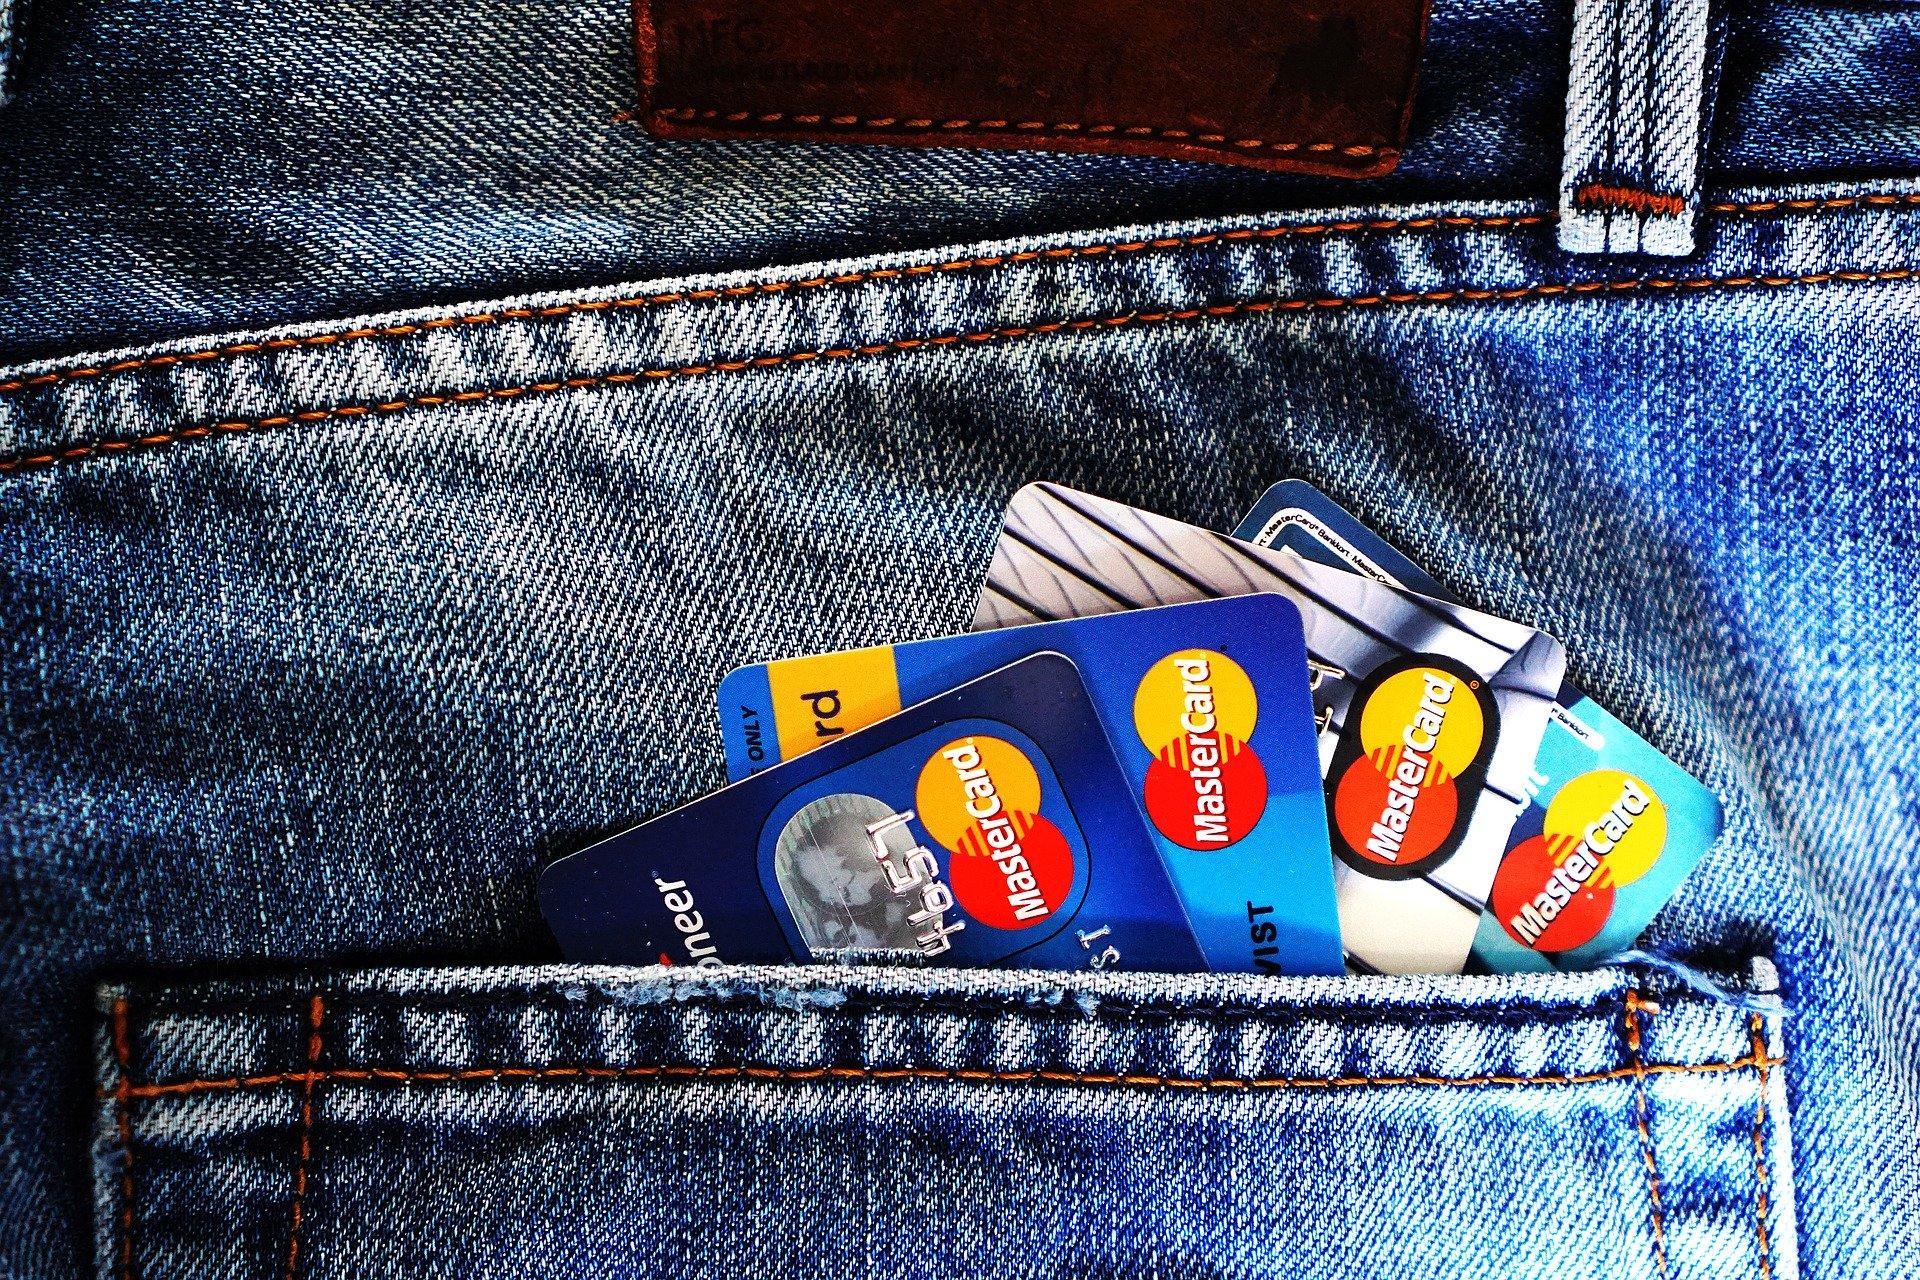 Bitcoin kopen met Mastercard